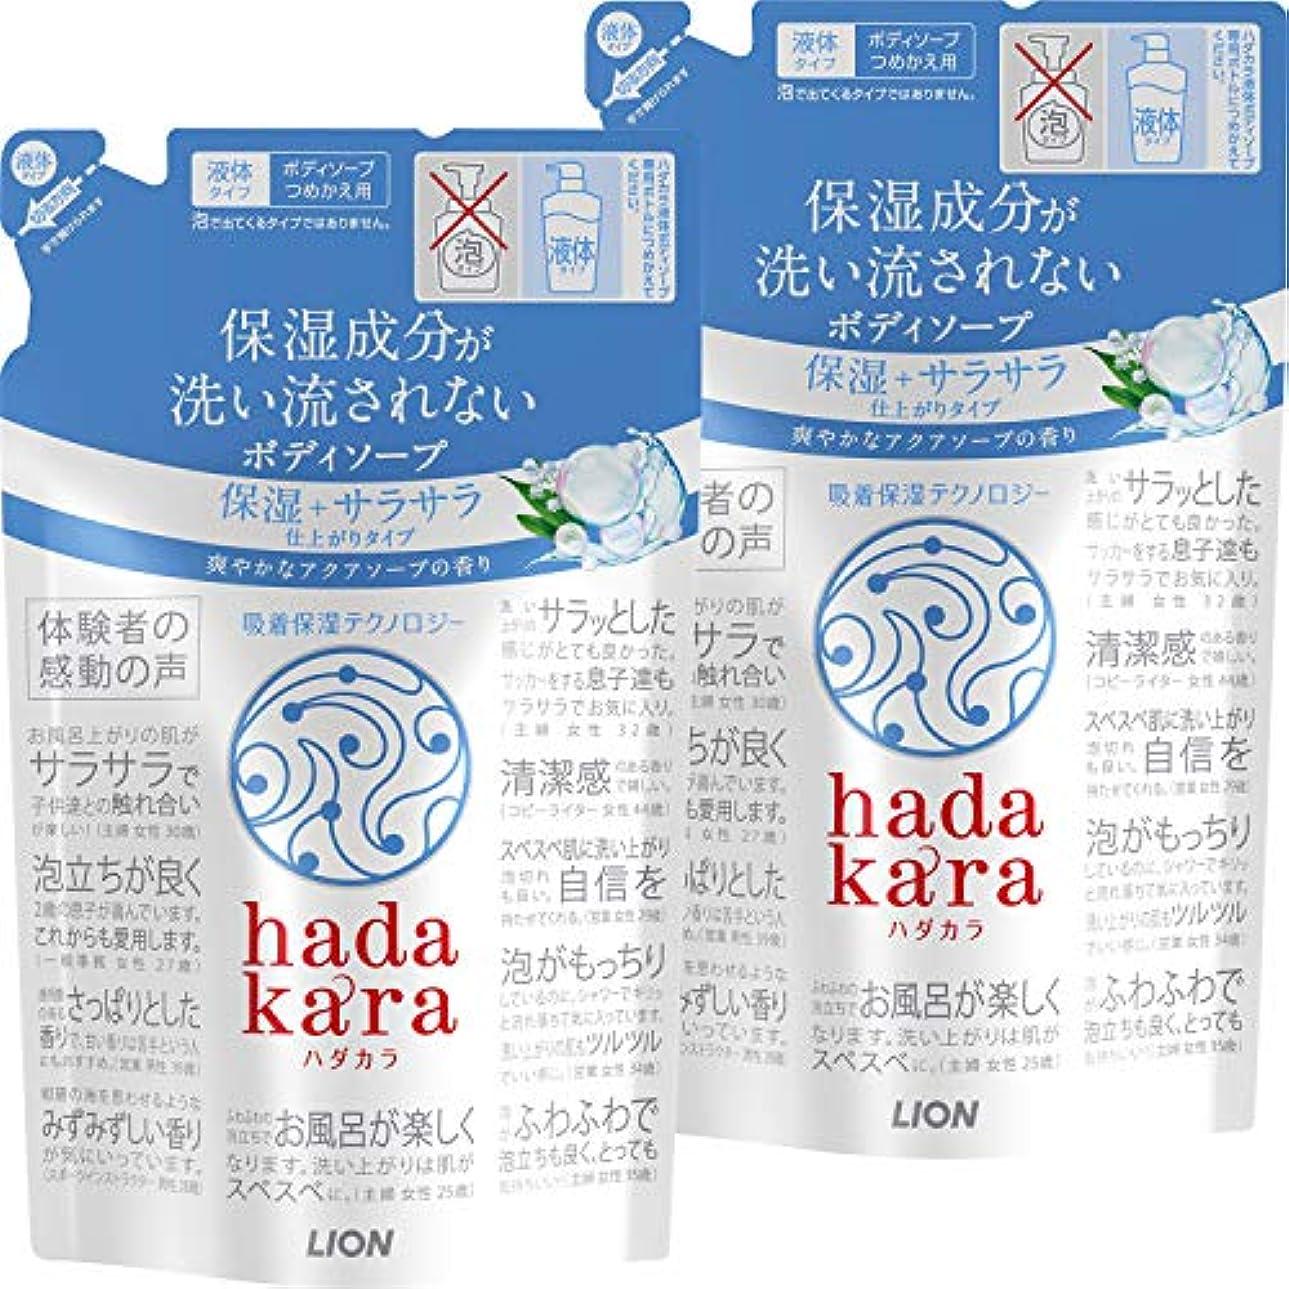 納得させる要塞ボアhadakara(ハダカラ)ボディソープ 保湿+サラサラ仕上がりタイプ アクアソープの香り つめかえ用 340ml×2個パック